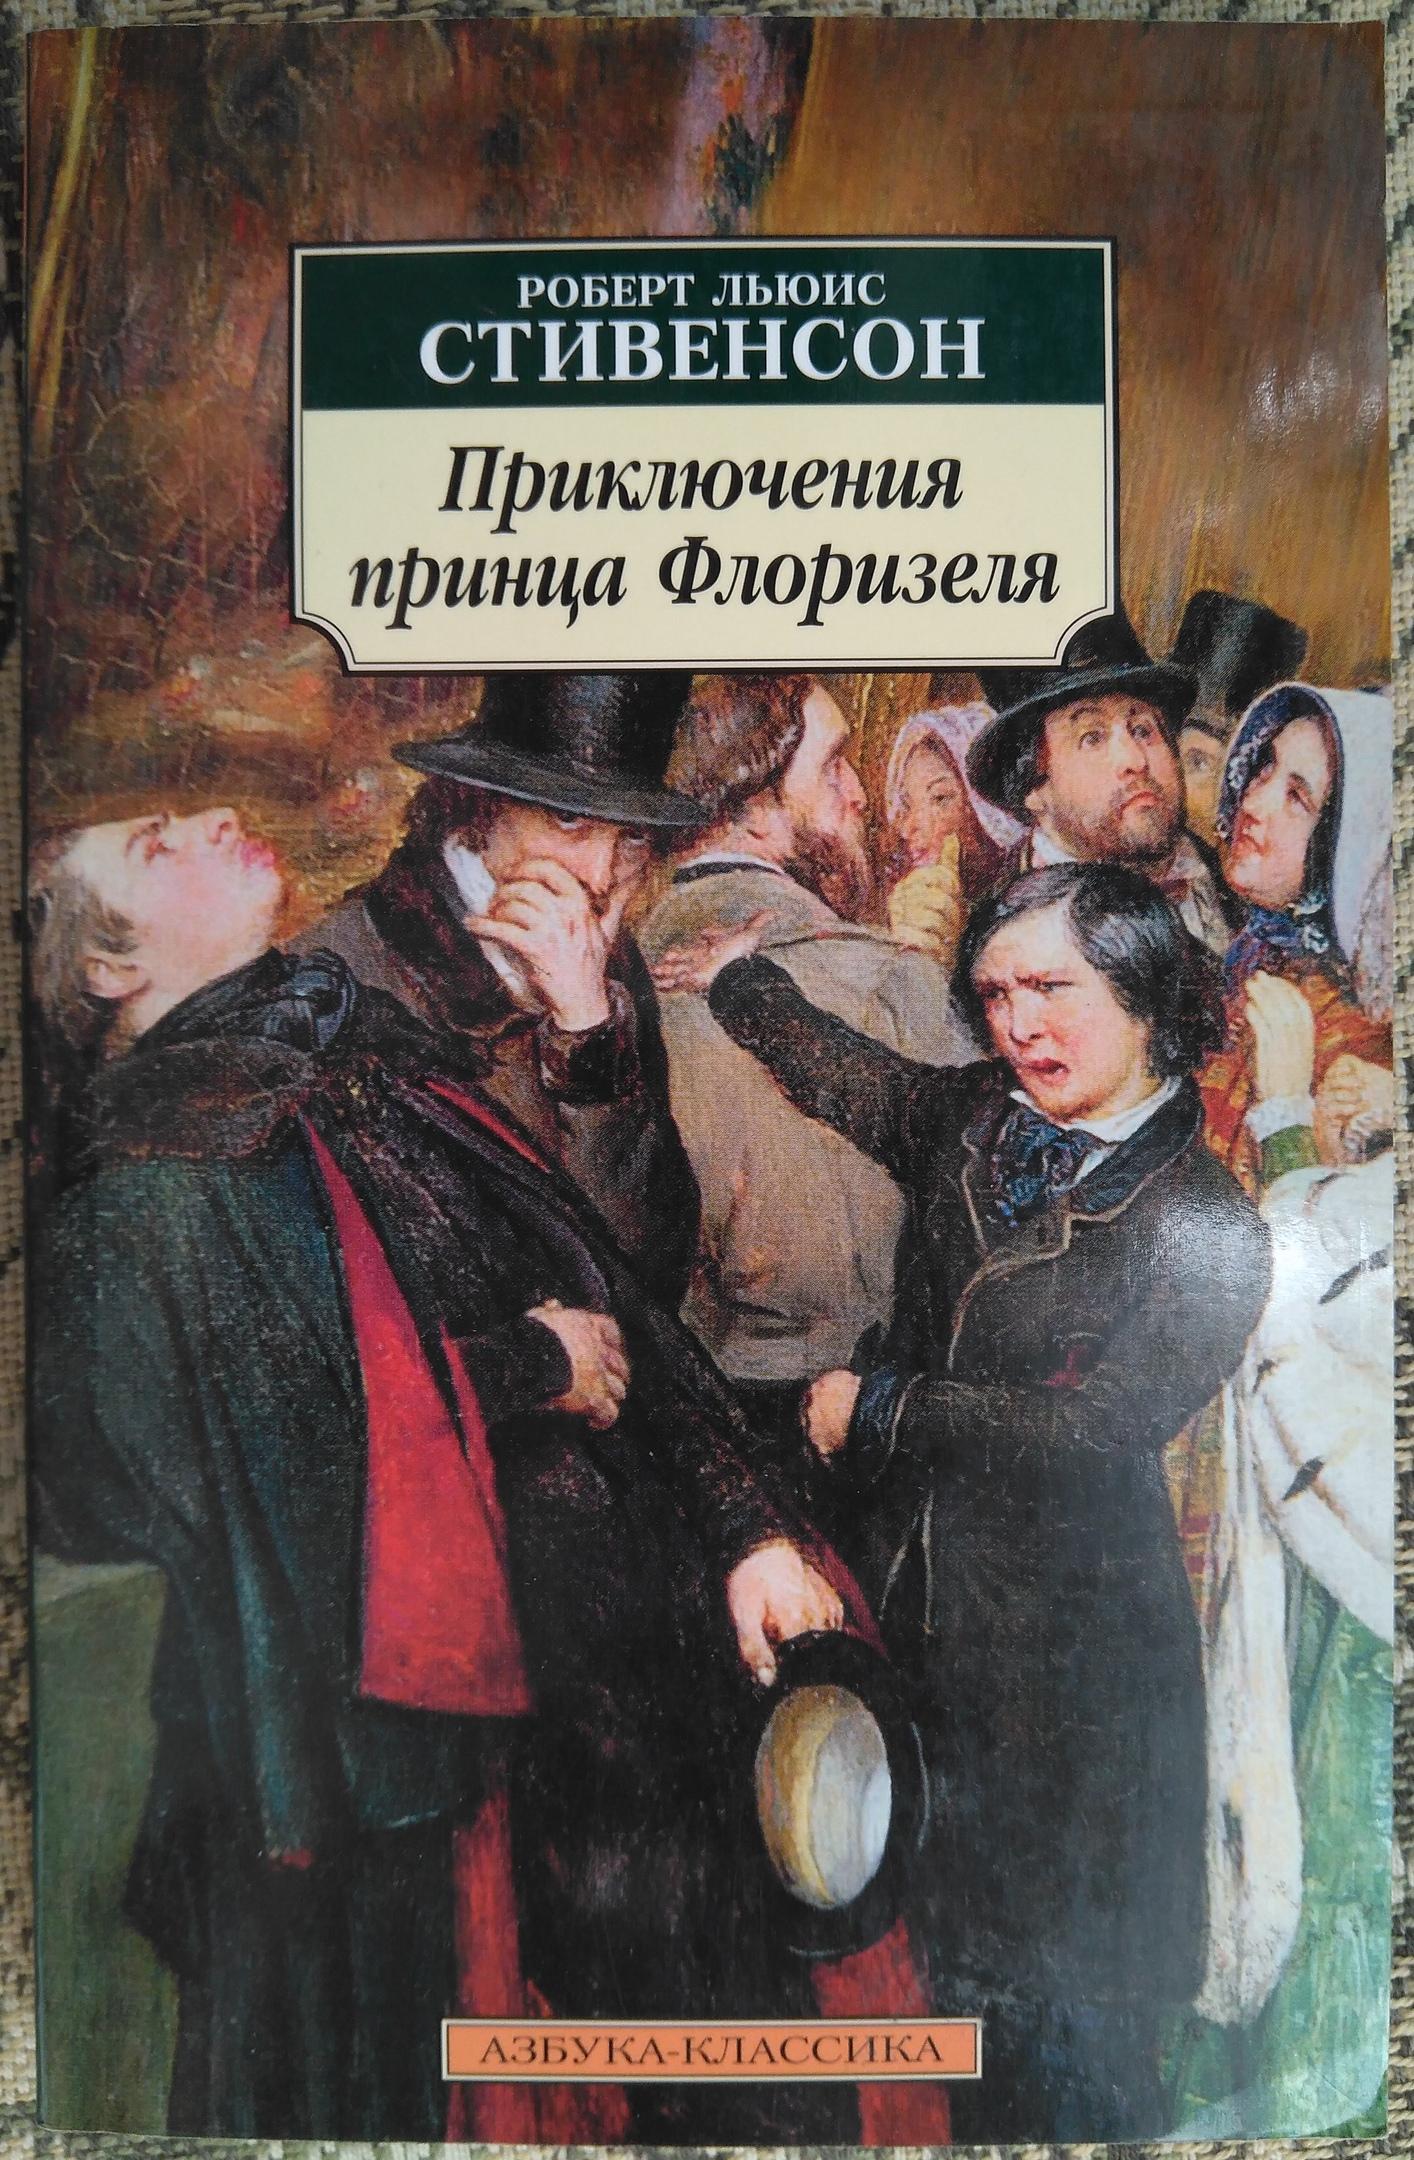 Продам по 300 тг за книгу Р.Л.Стивенсон. Приключение принца